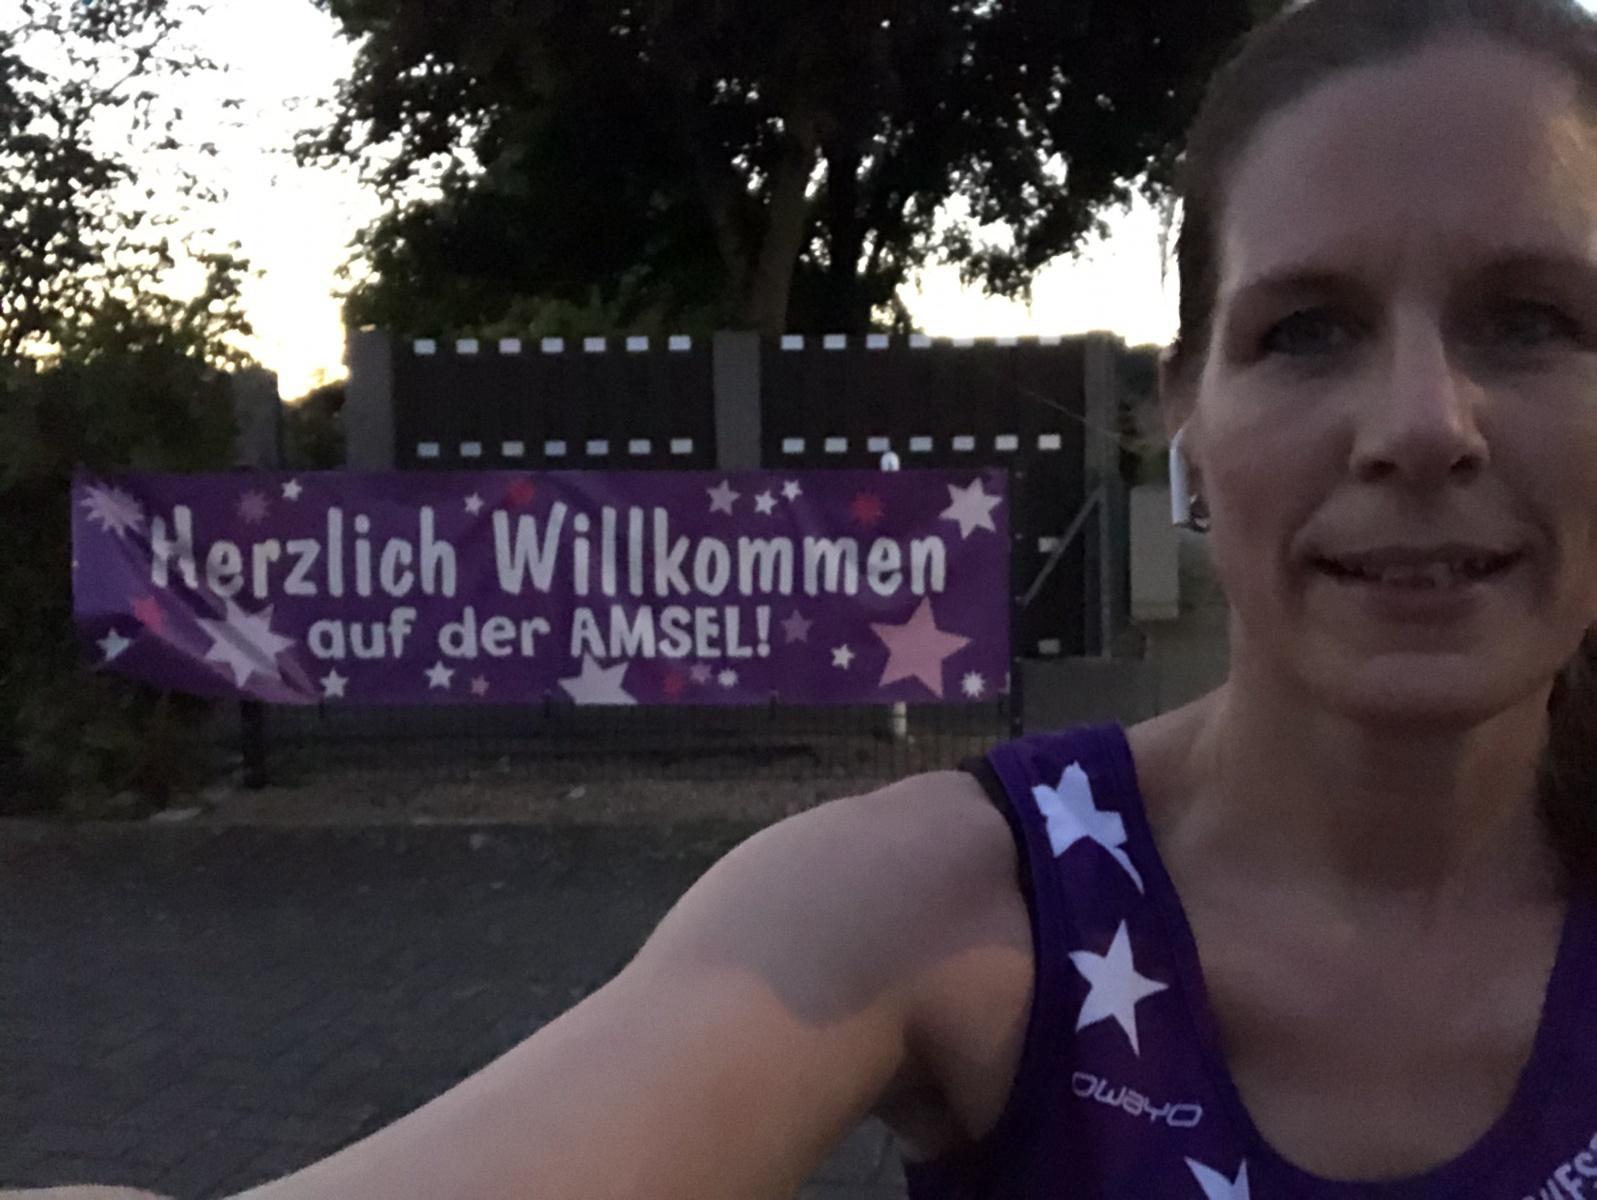 Wemhoff-Michaela-21-Challenge-Sternchenlauf-mroLR